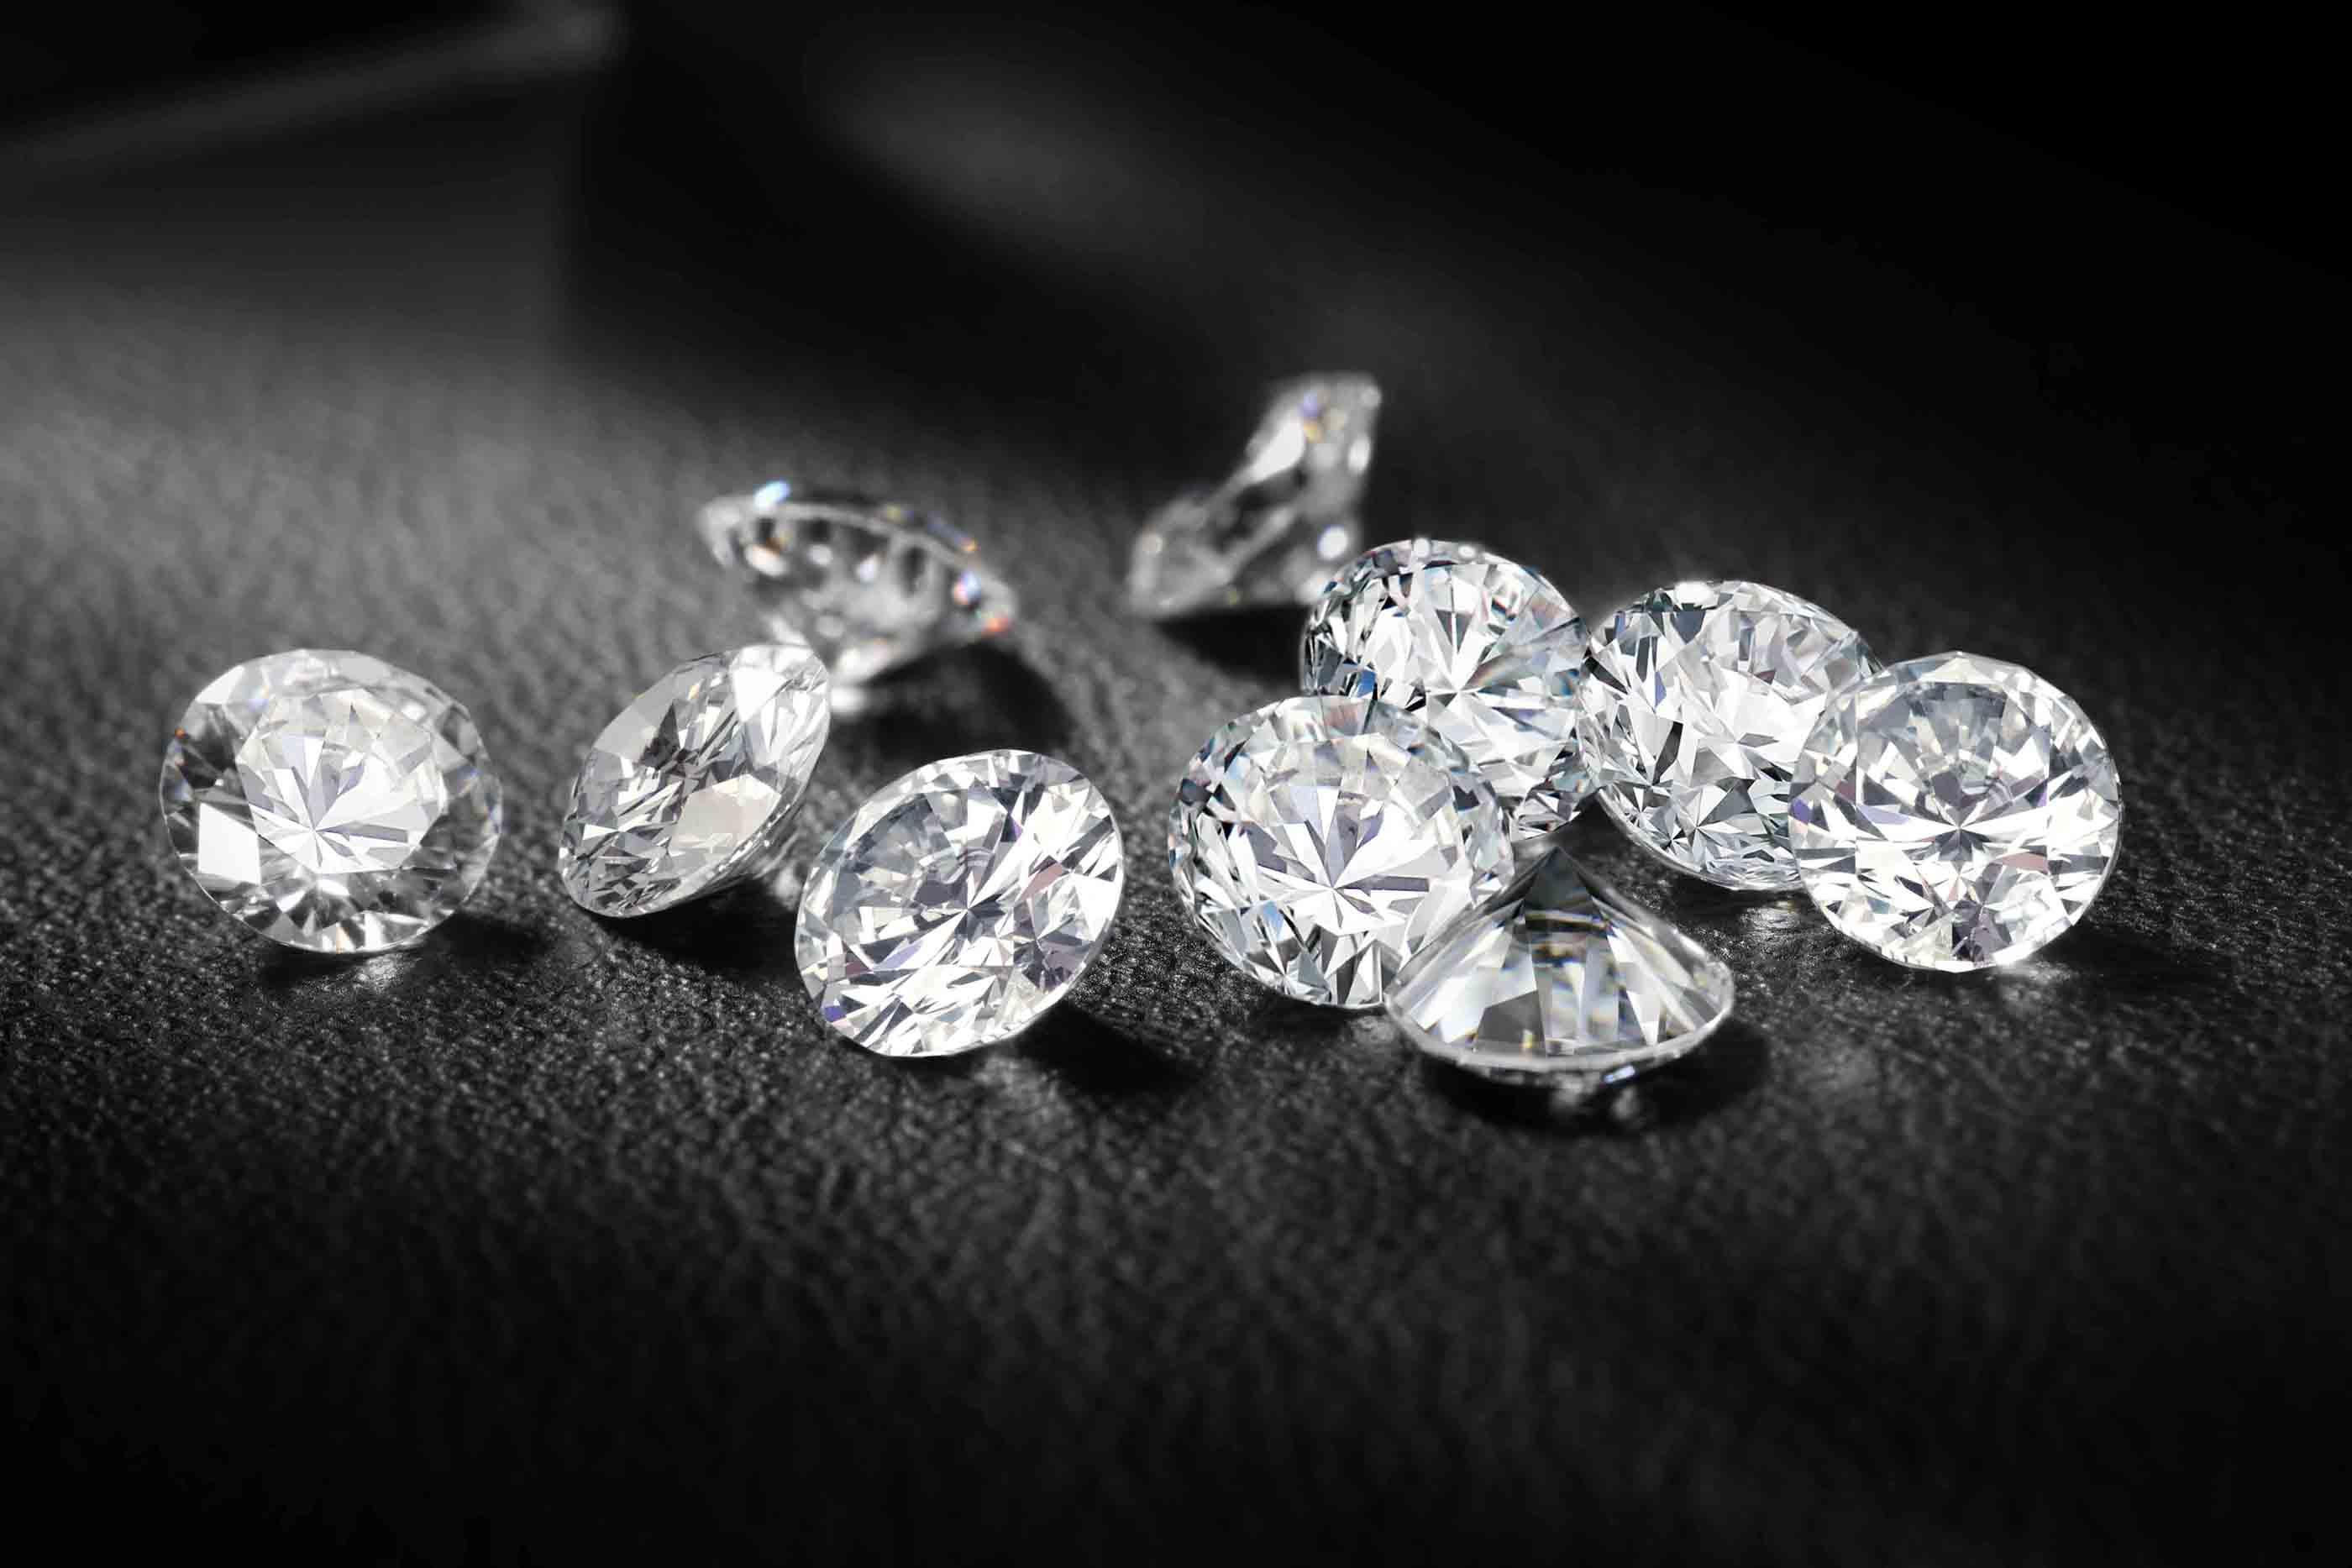 钻石值得投资吗